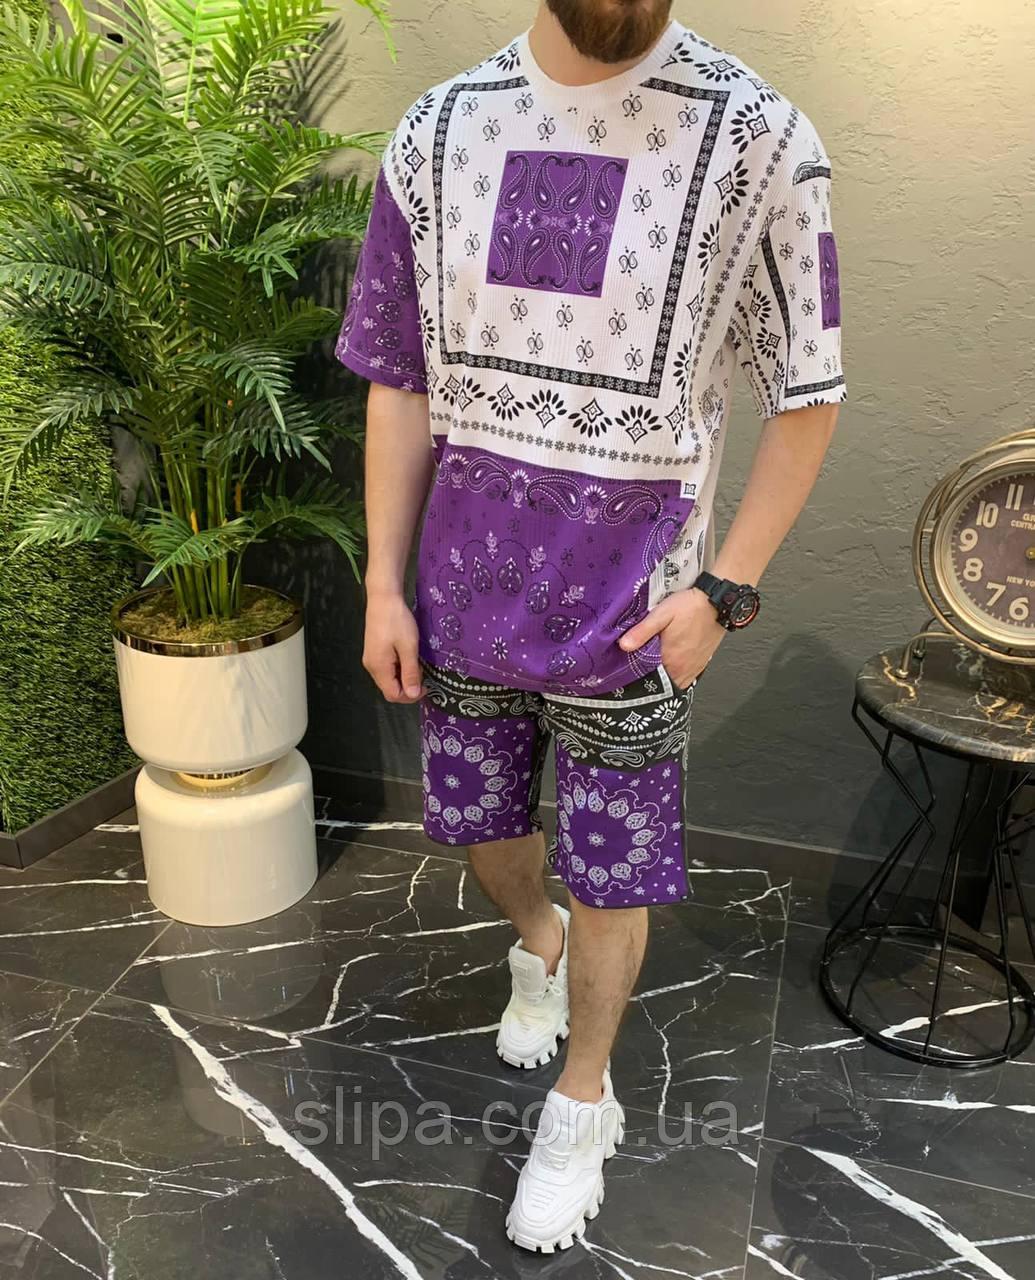 Літній чоловічий оверсайз комплект футболка + шорти орнамент | Туреччина | 100% бавовна